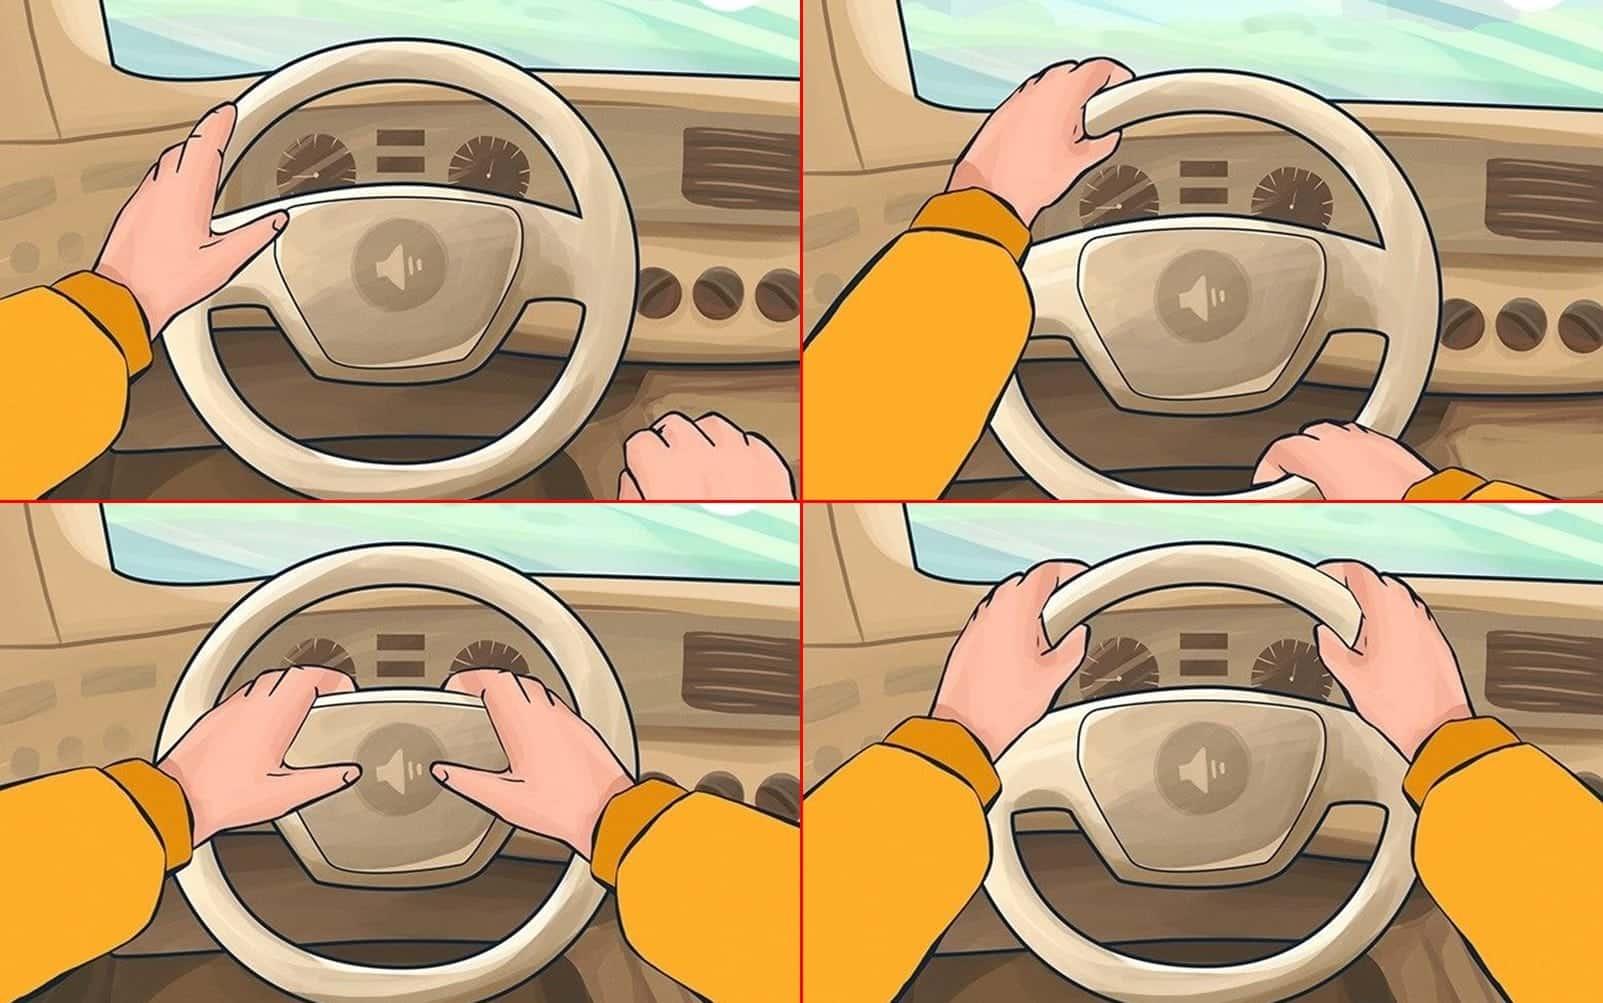 Teste: A maneira como você segura o volante pode dizer muito sobre você